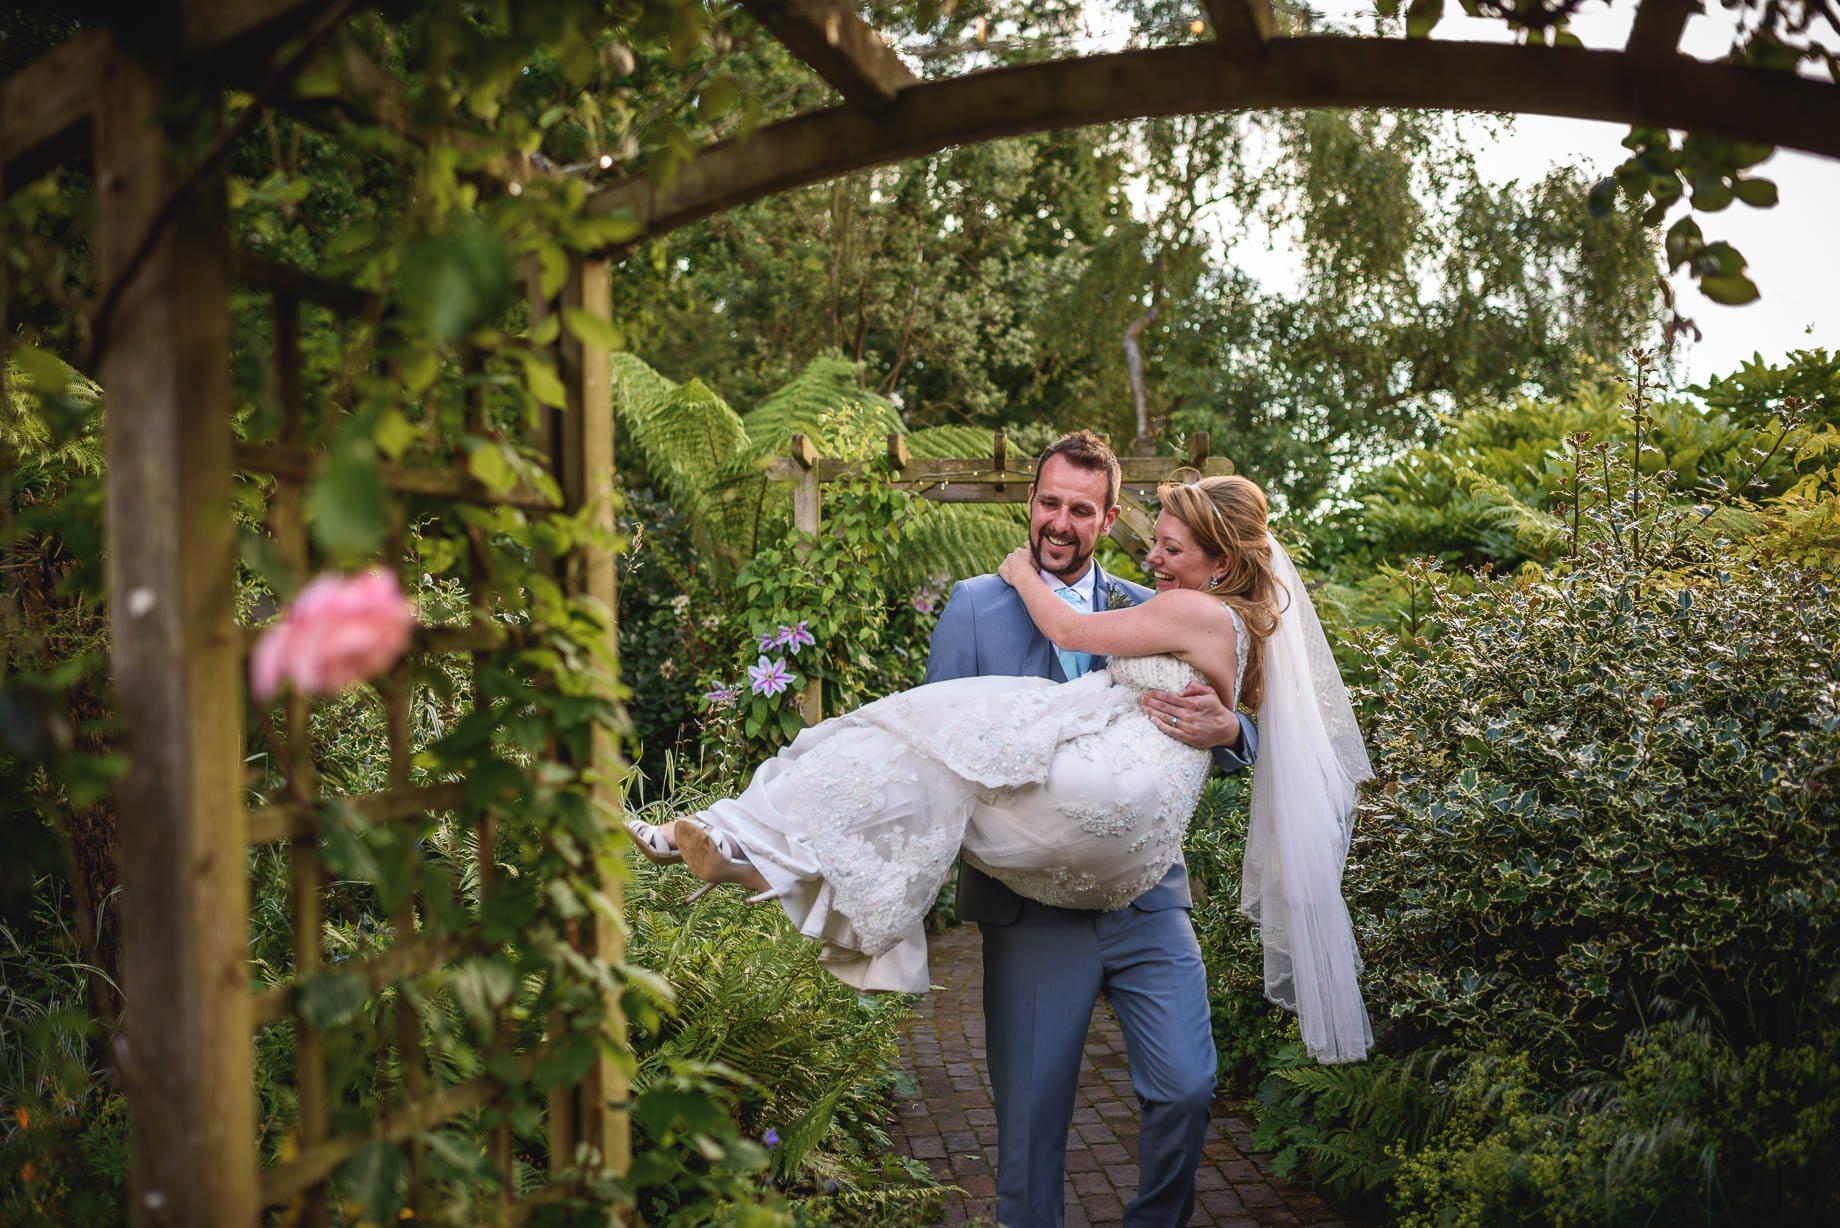 Bartholomew Barns wedding photography - Louise and Spencer (129 of 151)